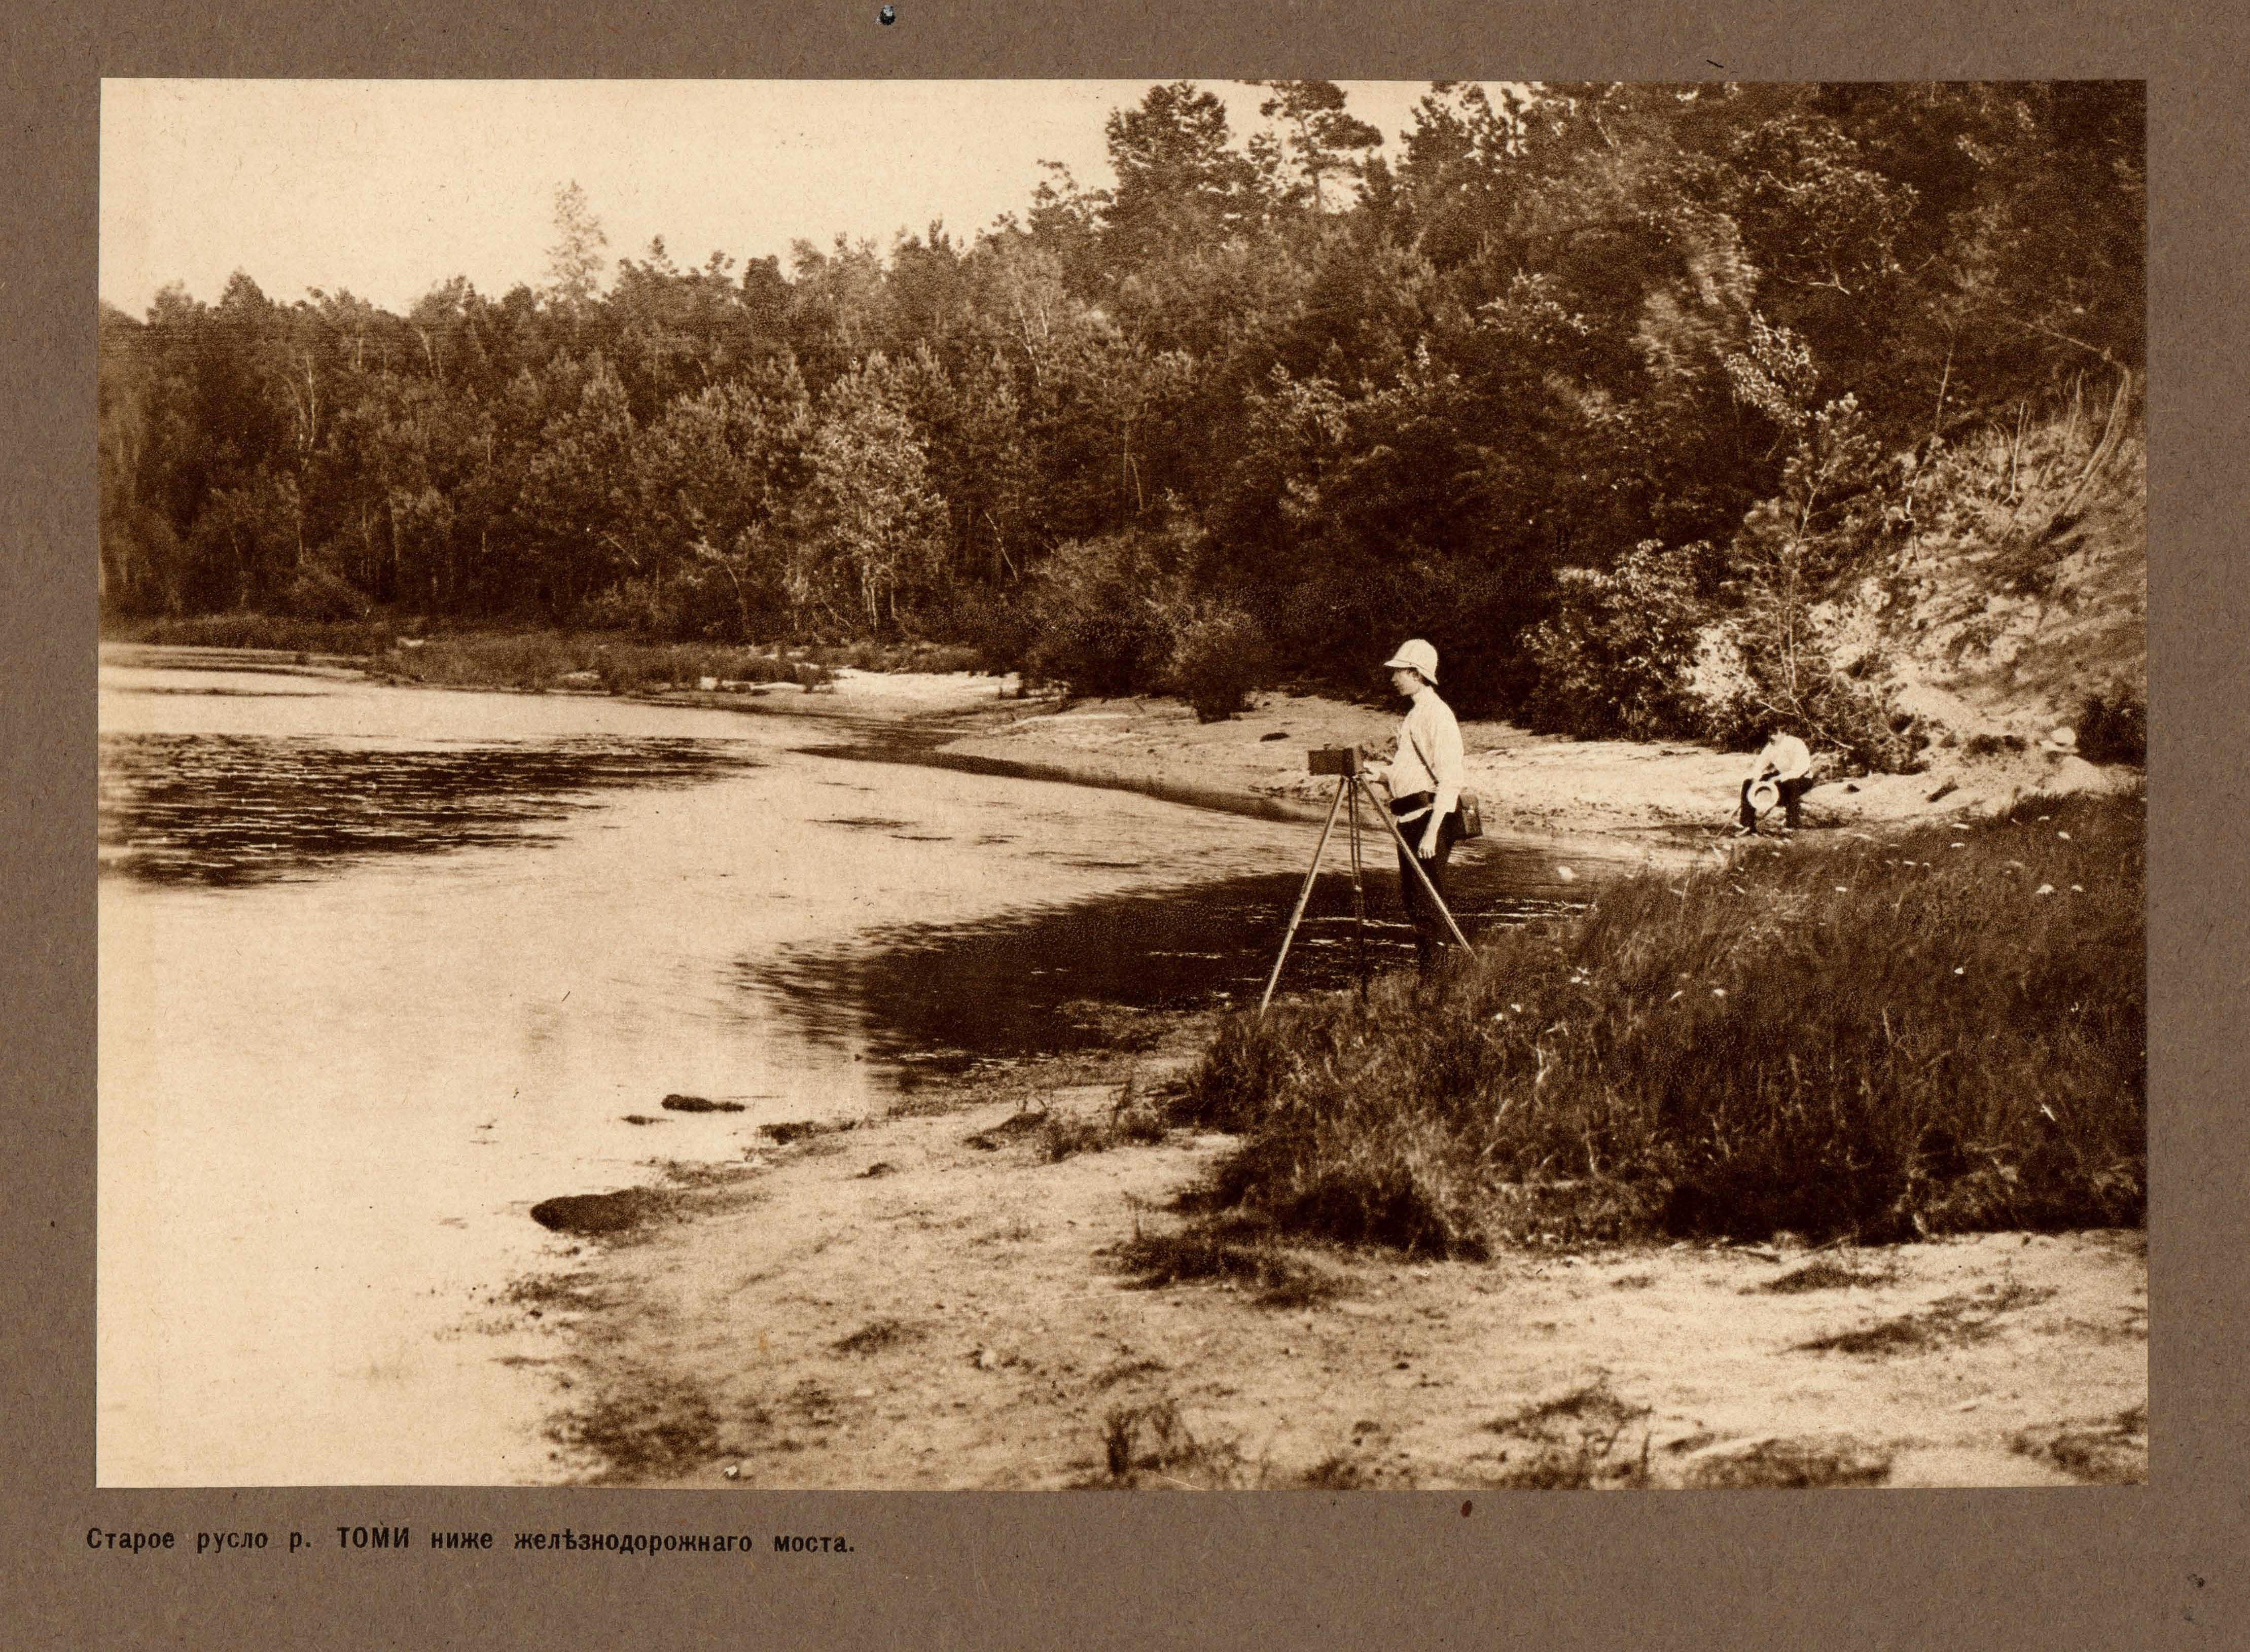 13. Река Томь. Старое русло ниже железнодорожного моста